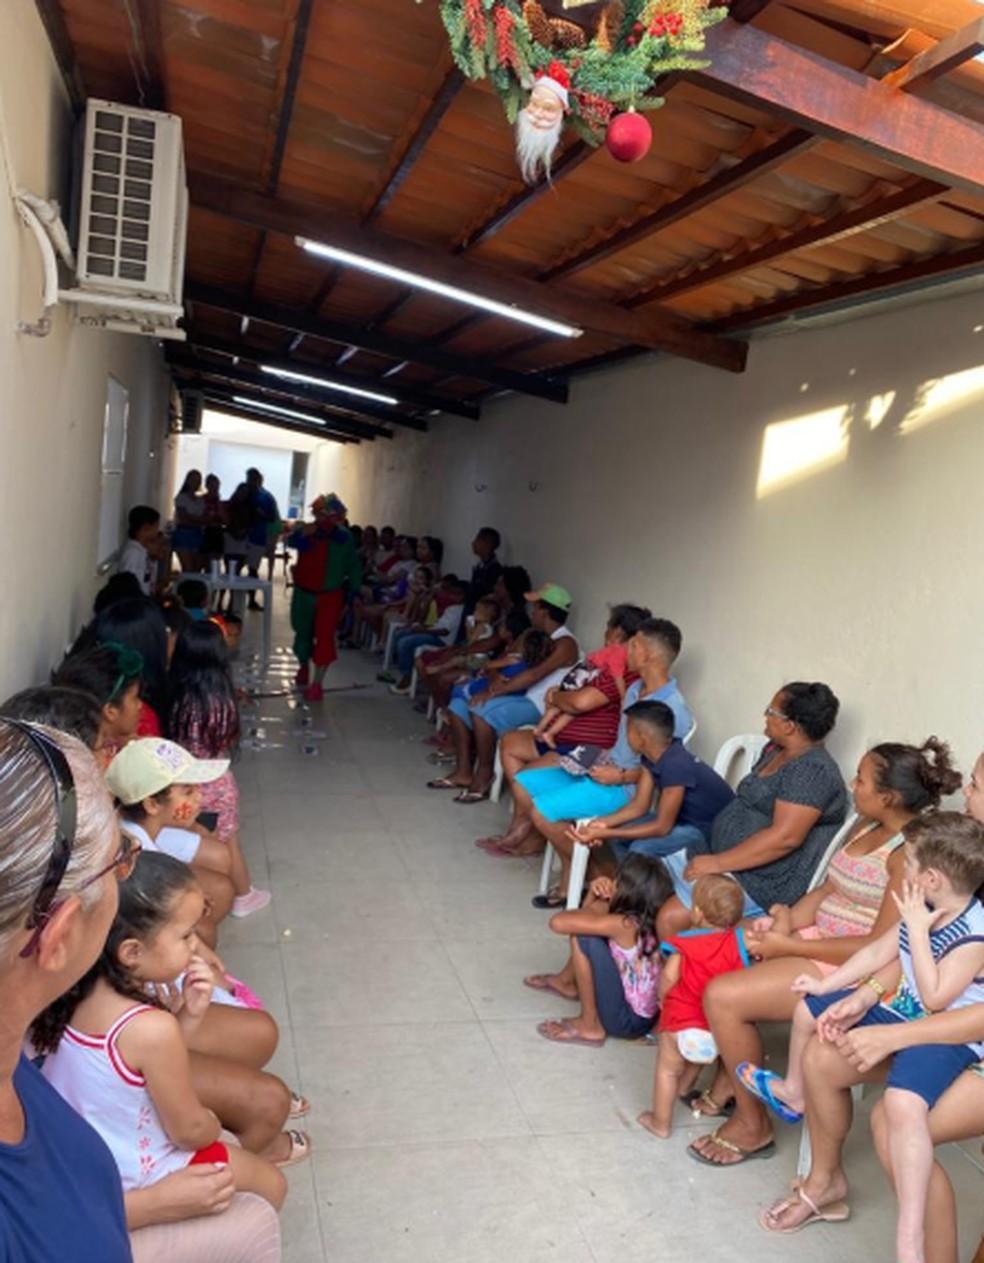 Festa reuniu 40 crianças na residência da comerciante Elvirene Valério, em Pajuçara, em Maracanaú. Houve brincadeiras e entrega de presentes. — Foto: Elvirene Valério